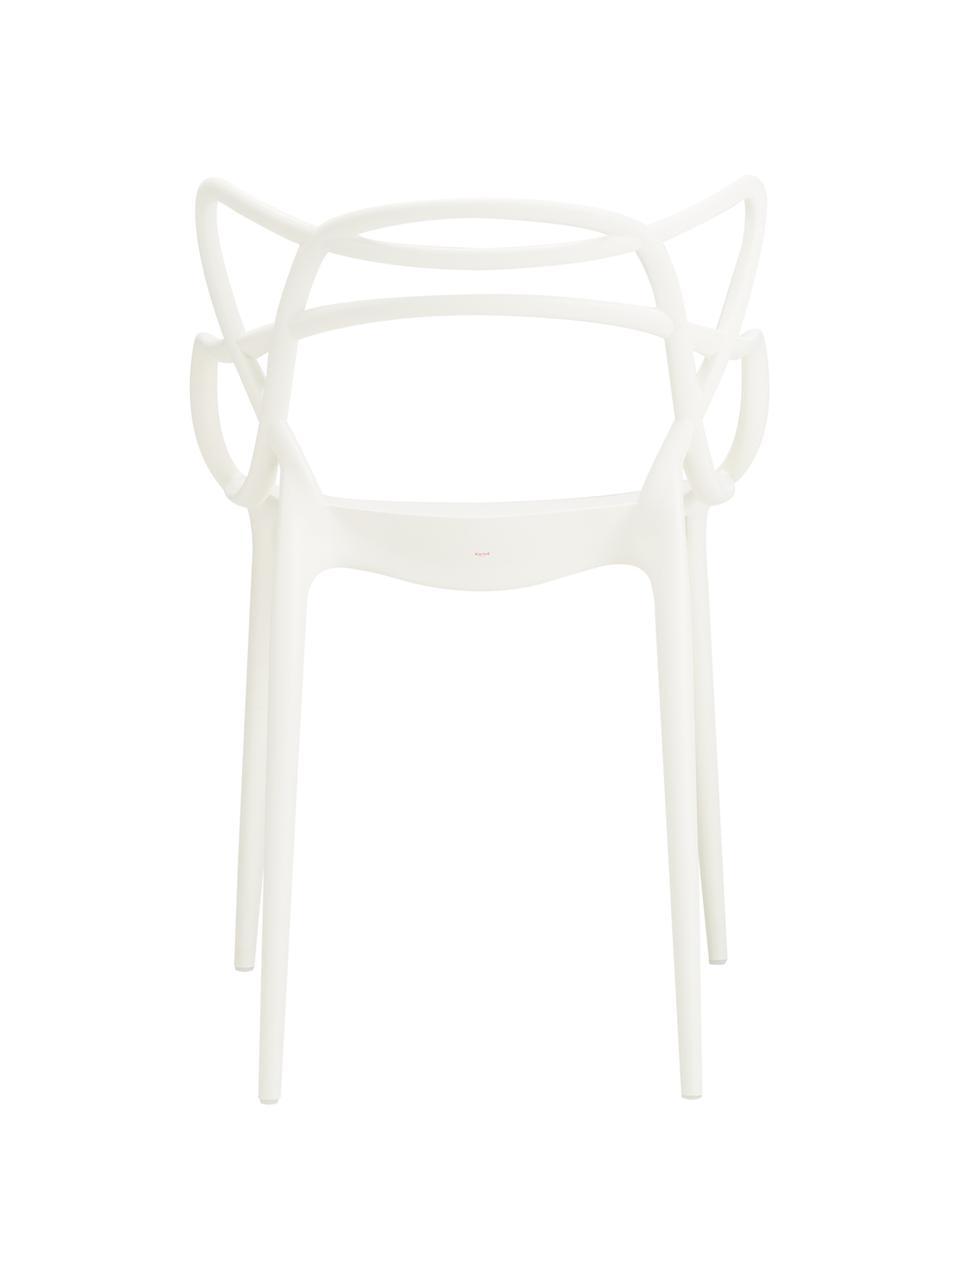 Krzesło z podłokietnikami Masters, 2 szt., Polipropylen, Biały, S 57 x W 84 cm